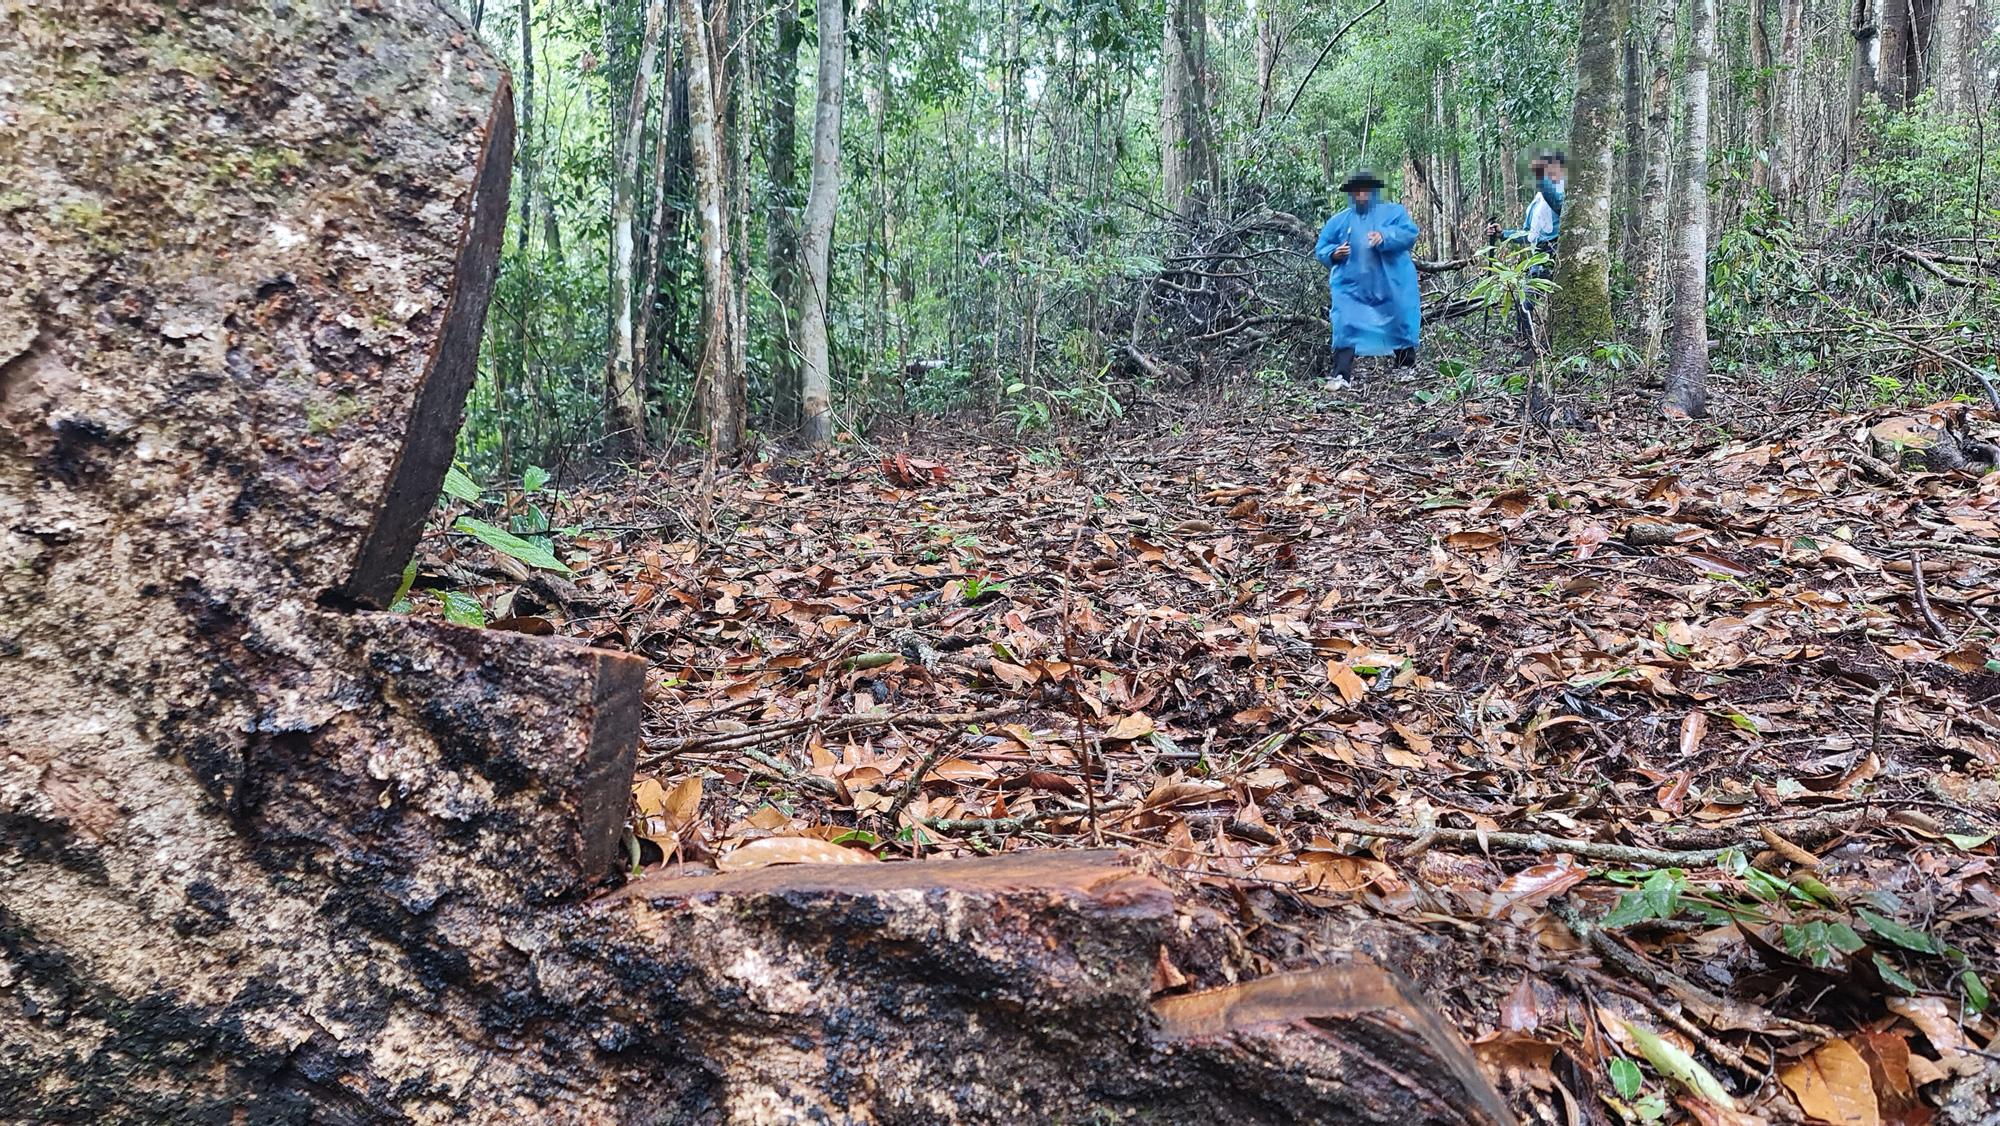 """Lâm Đồng: Hiện trường vụ """"tàn sát"""" rừng dổi tự nhiên ở khu vực giáp ranh của 3 huyện - Ảnh 2."""